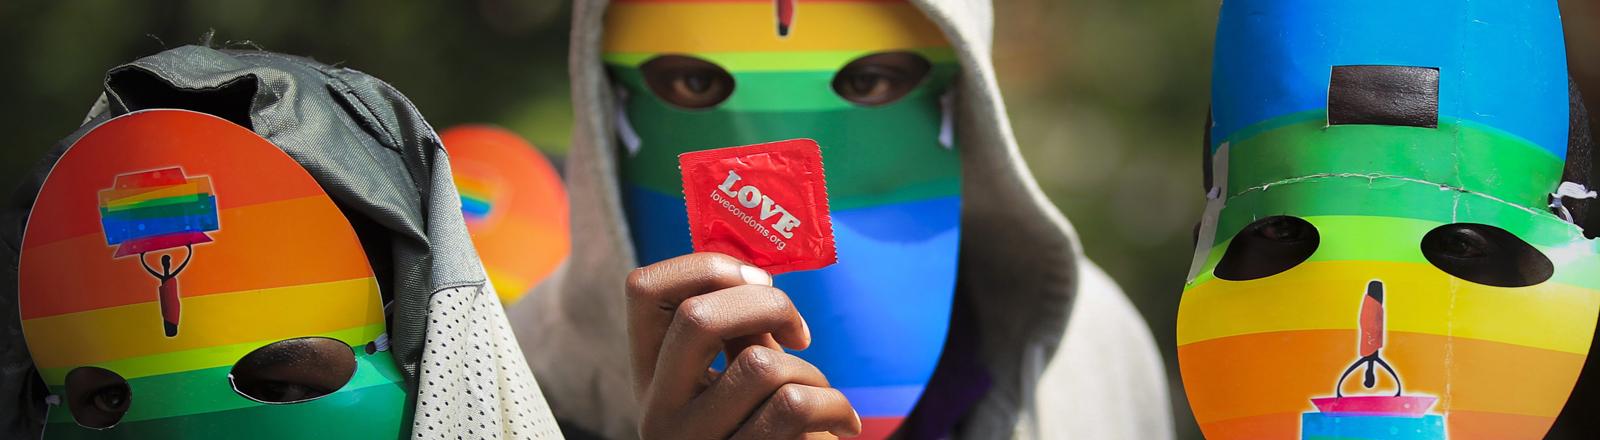 Aktivisten protestieren in Kenia gegen das Anti-Homesexuellen-Gesetz in Uganda